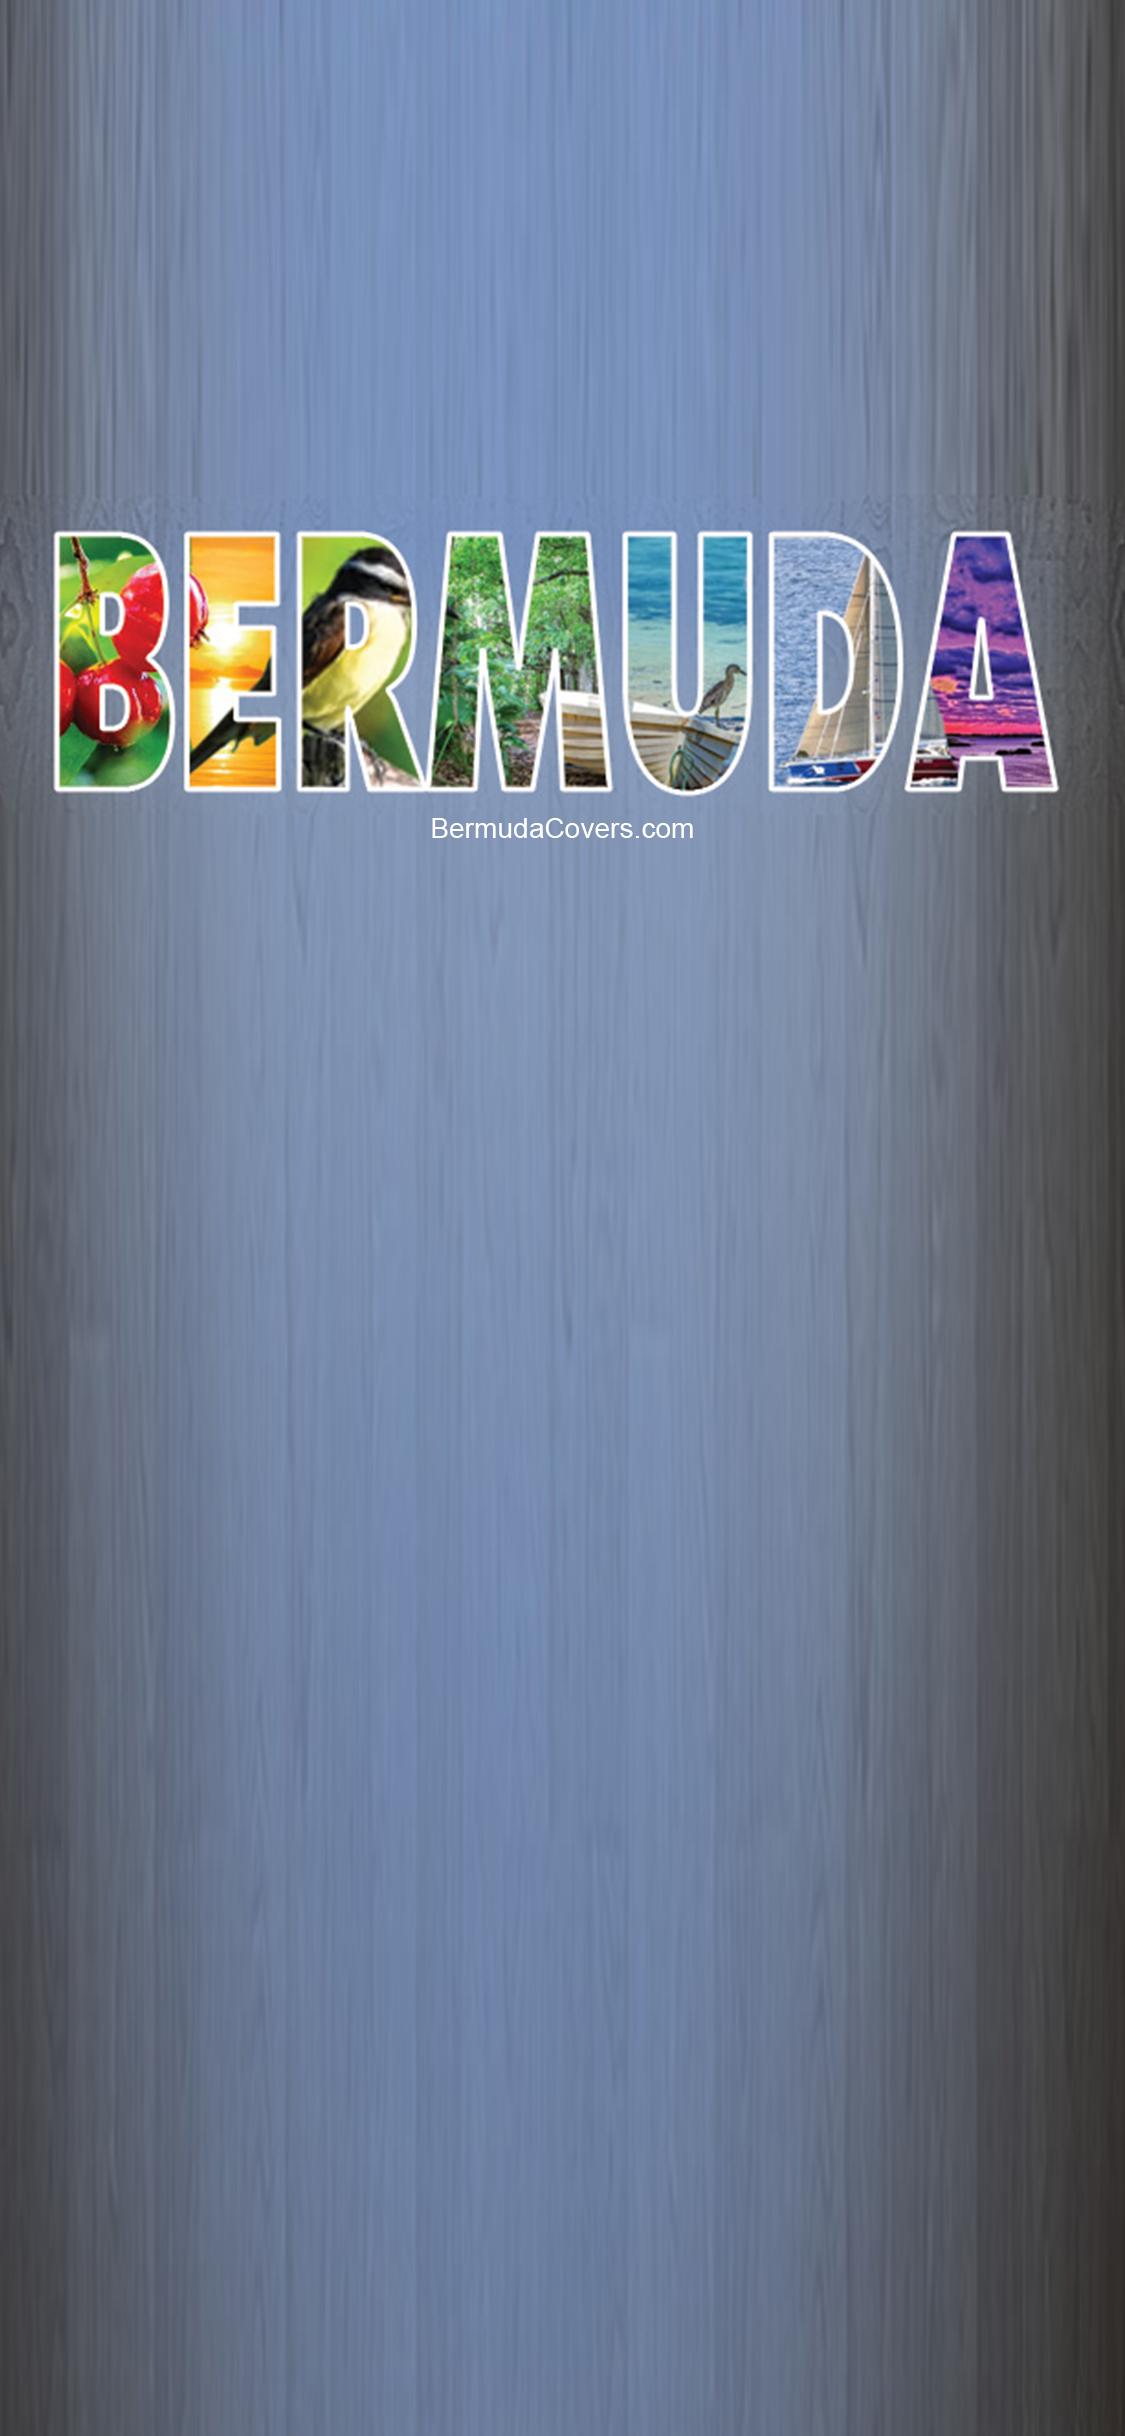 Bermudian Bernews Mobile Phone Wallpaper Lock Screen Design Image Photo RPRKFFZK